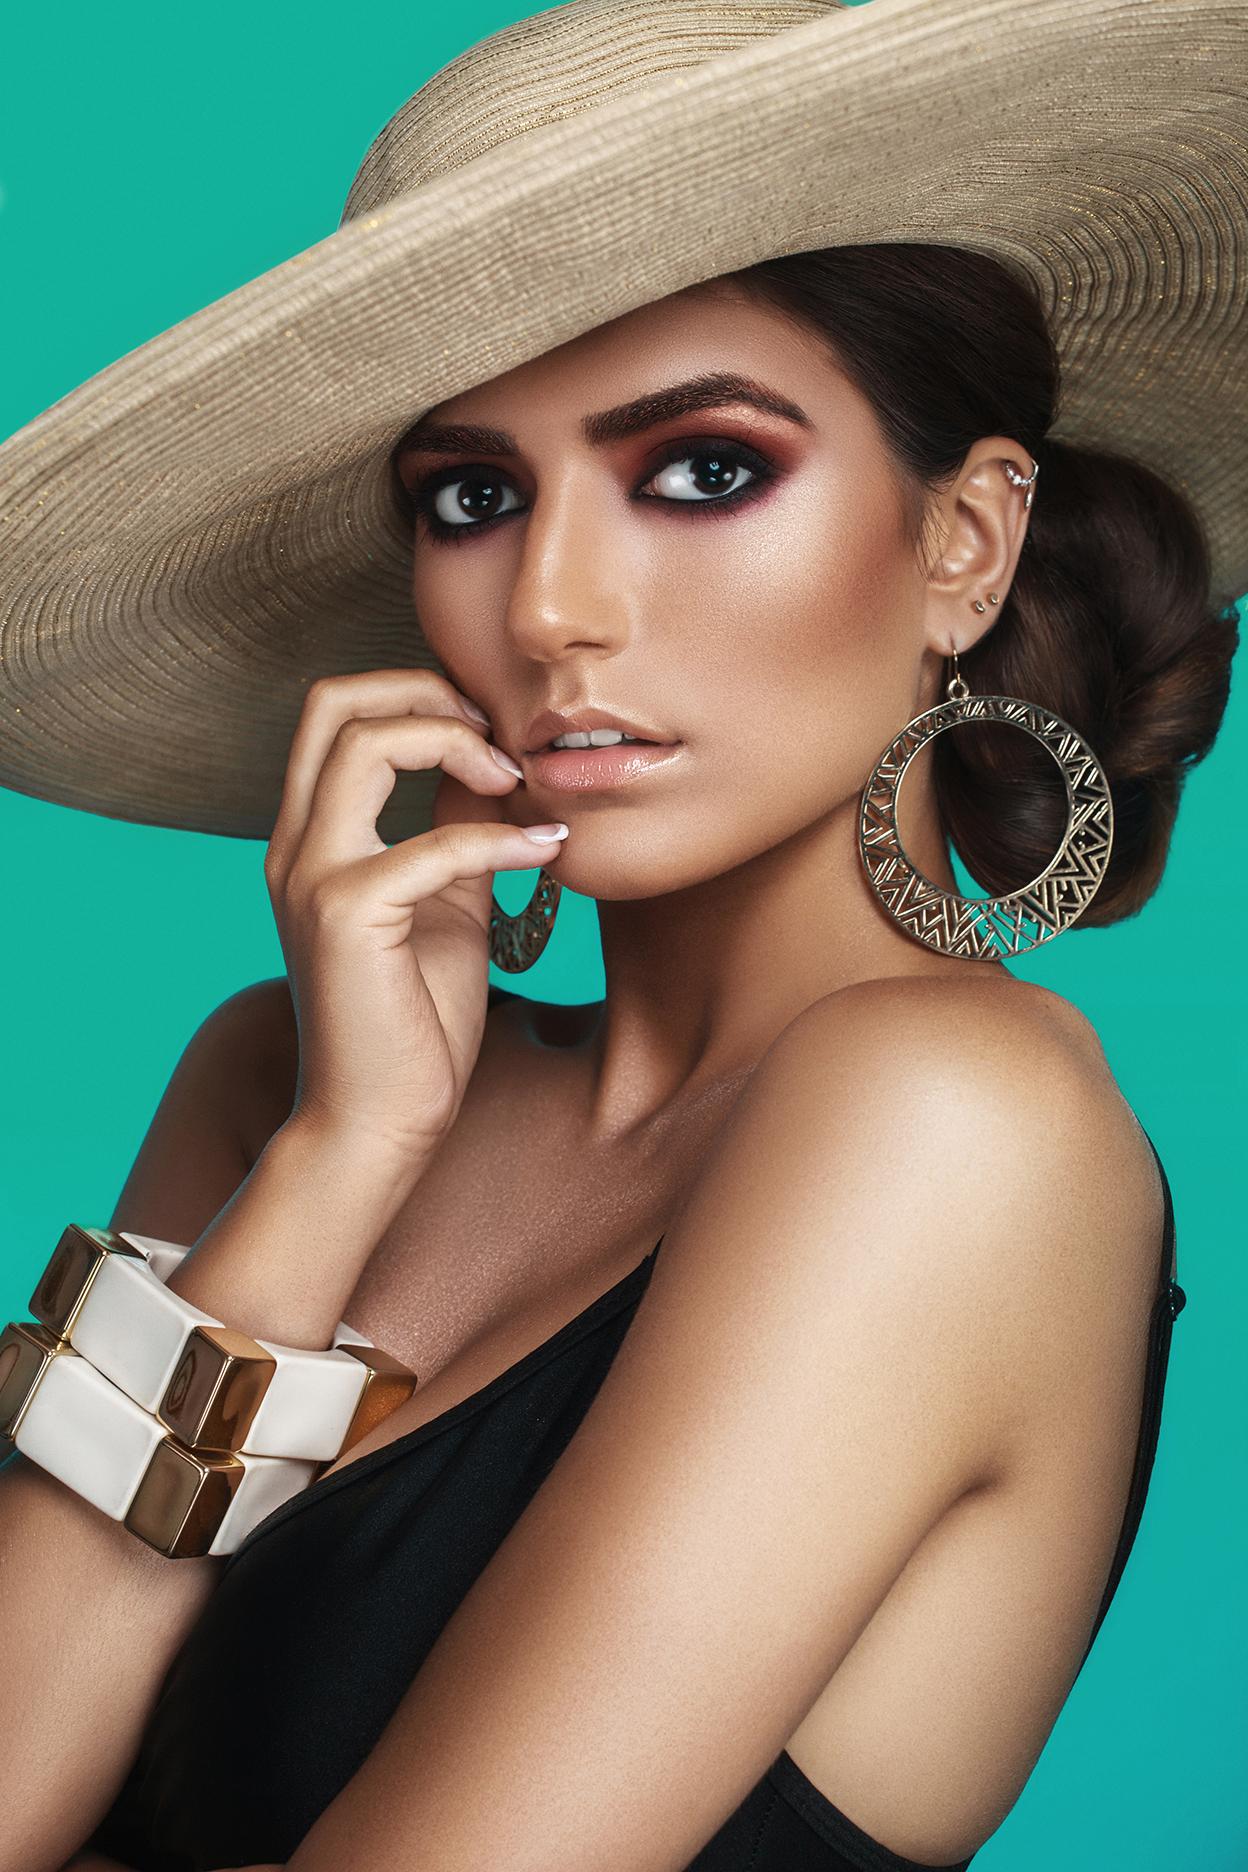 Model Citizen Magazine, Shay Kahzam, Fashion Inclusion. Now, Macky Suson, Model Citizen App, Model Citizen Media, Nosus.co, Amyck.co3.jpg